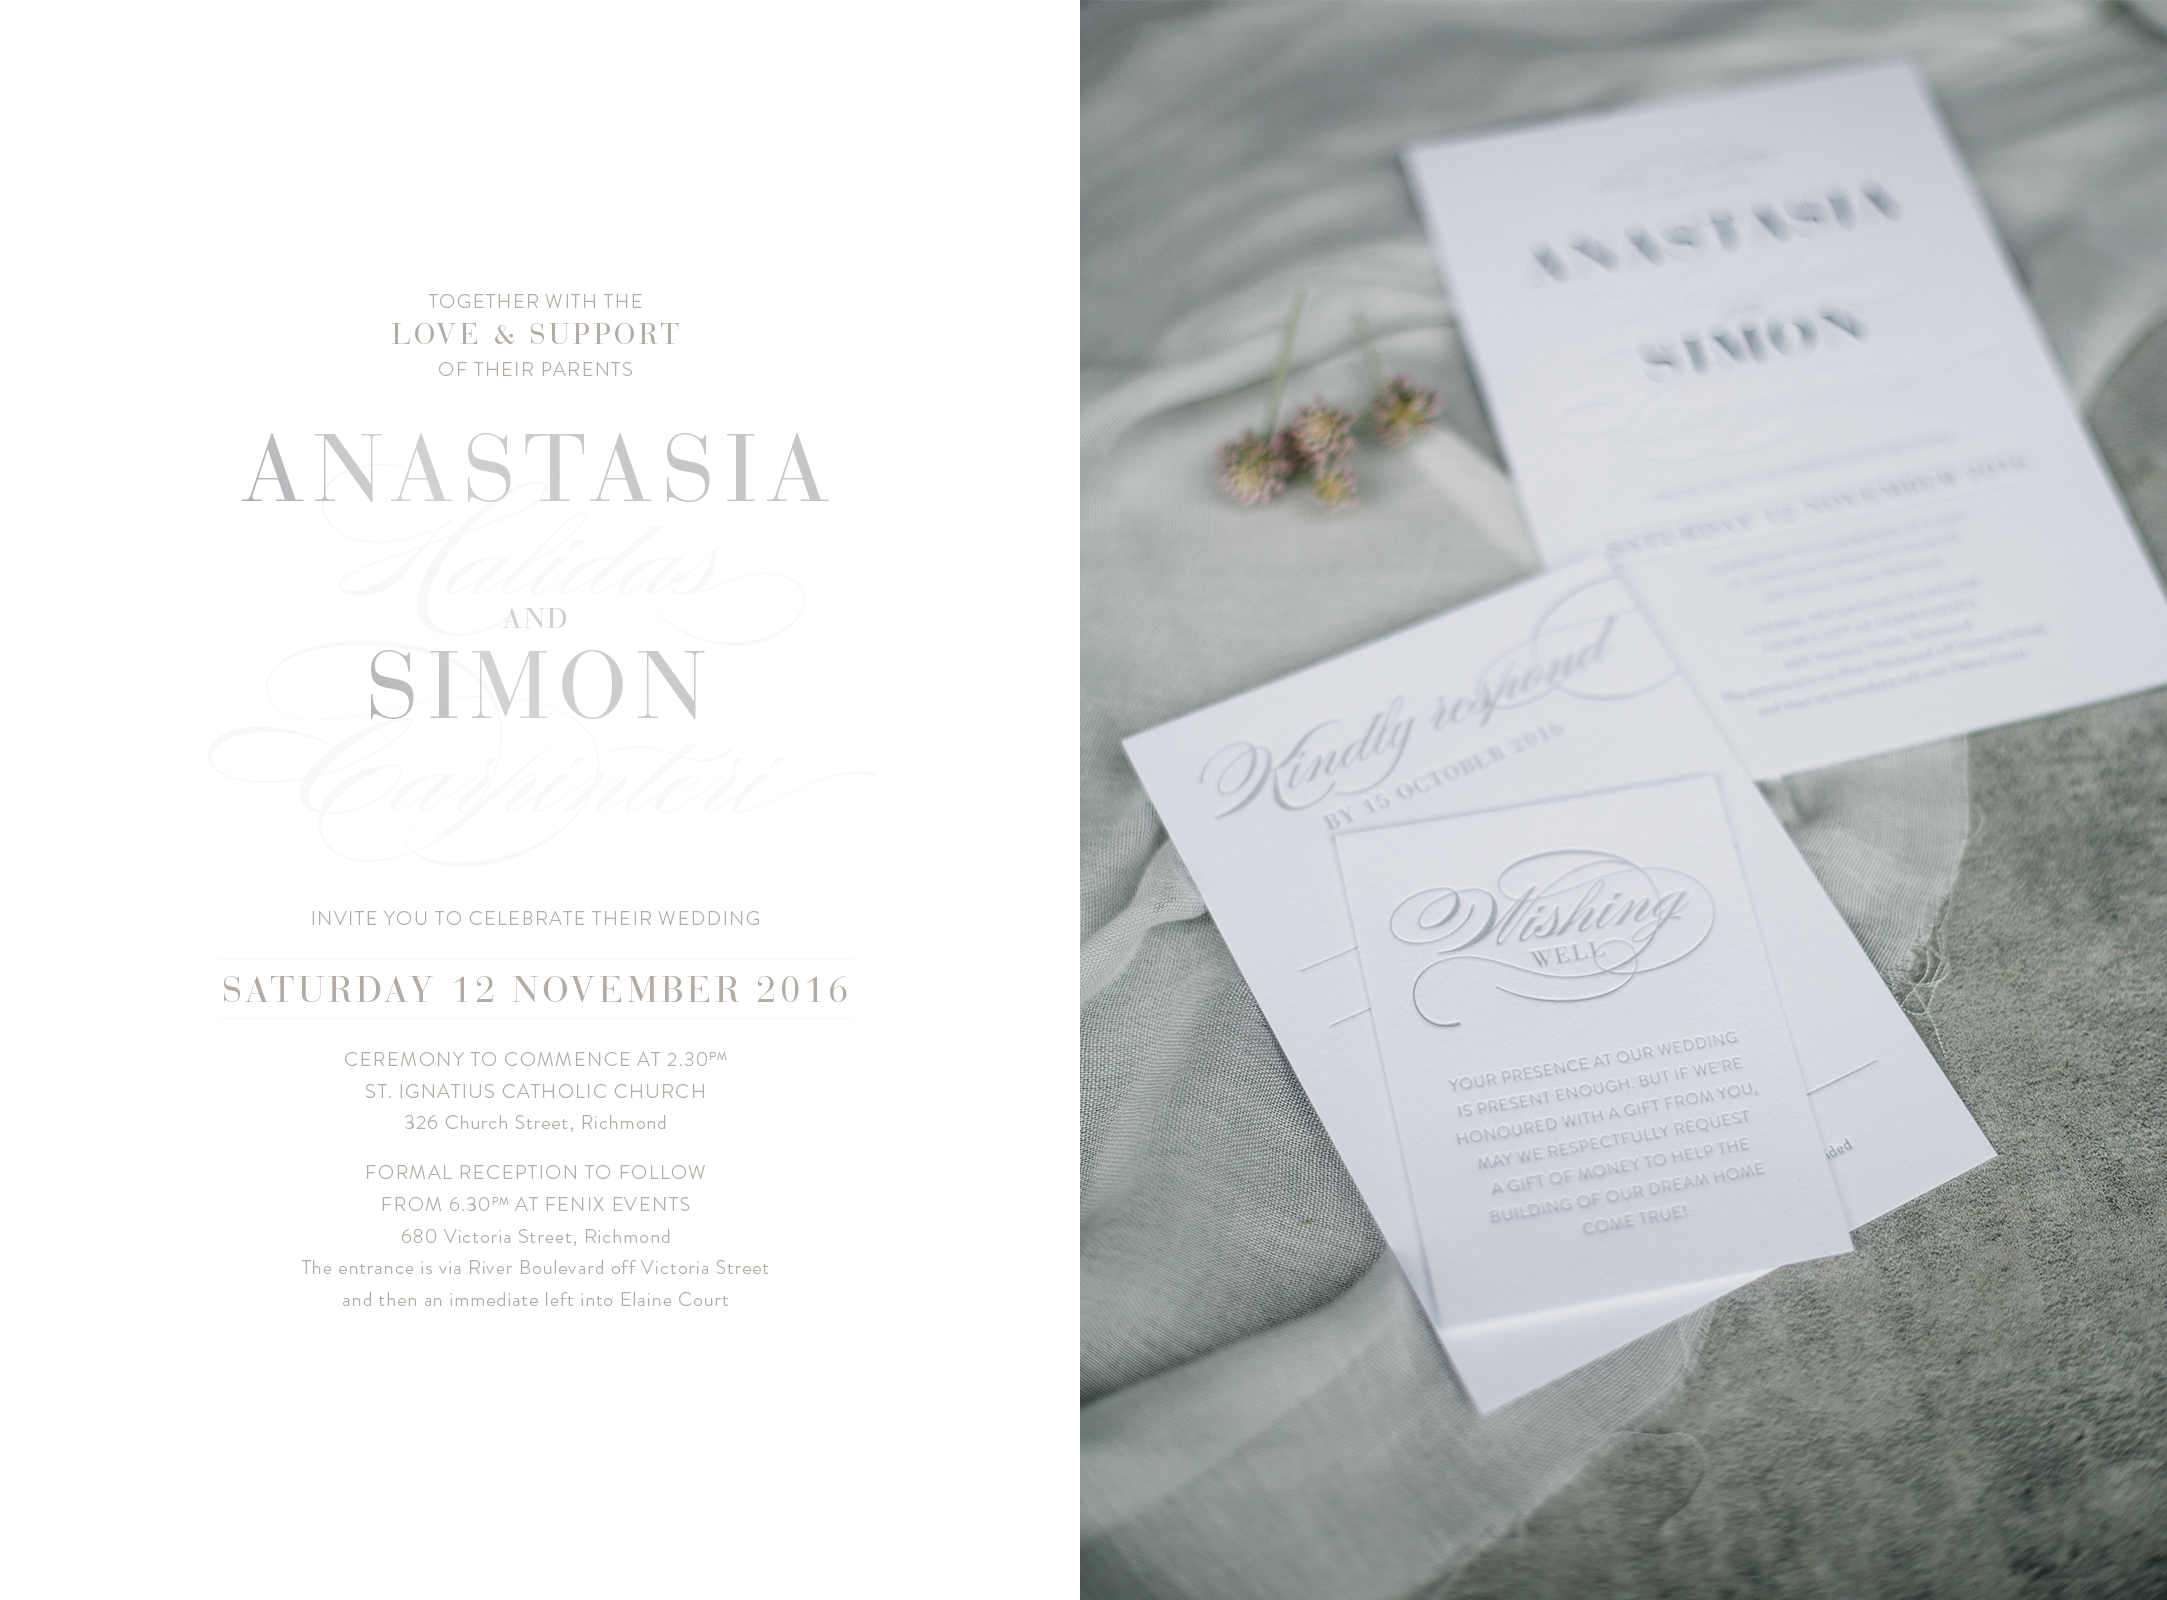 Anastasia-2.png